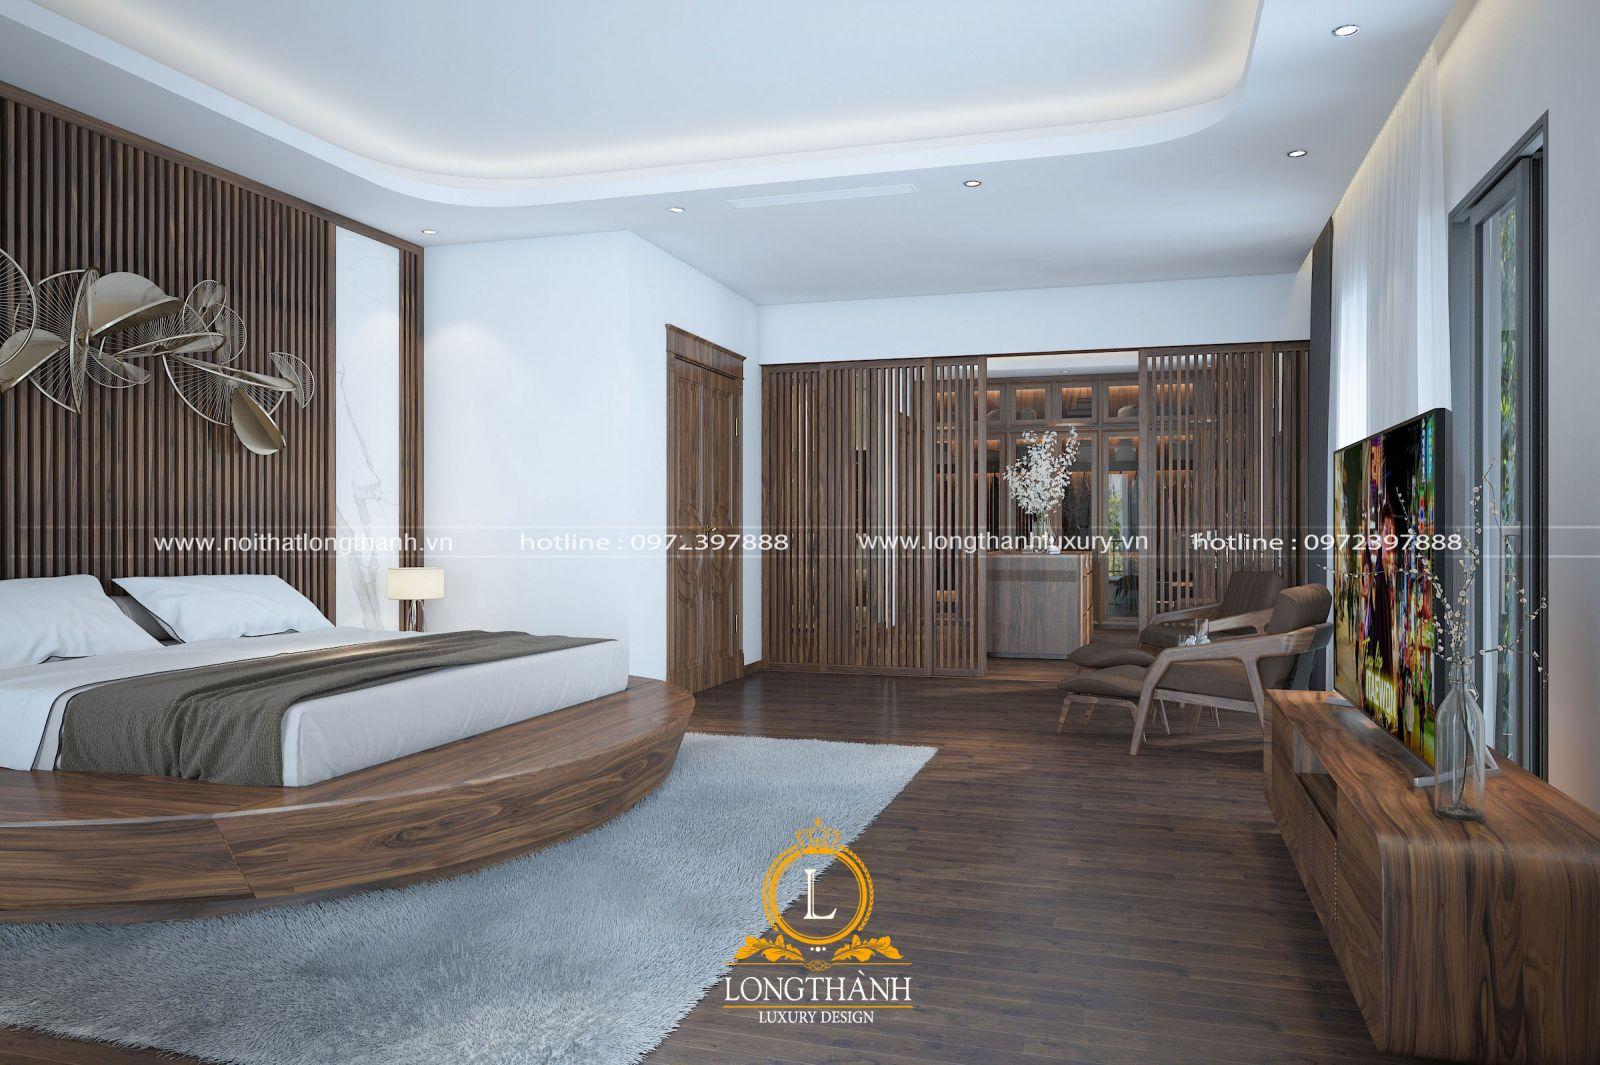 Phòng ngủ cực đẹp và ấn tượng thiết kế theo phong cách hiện đại